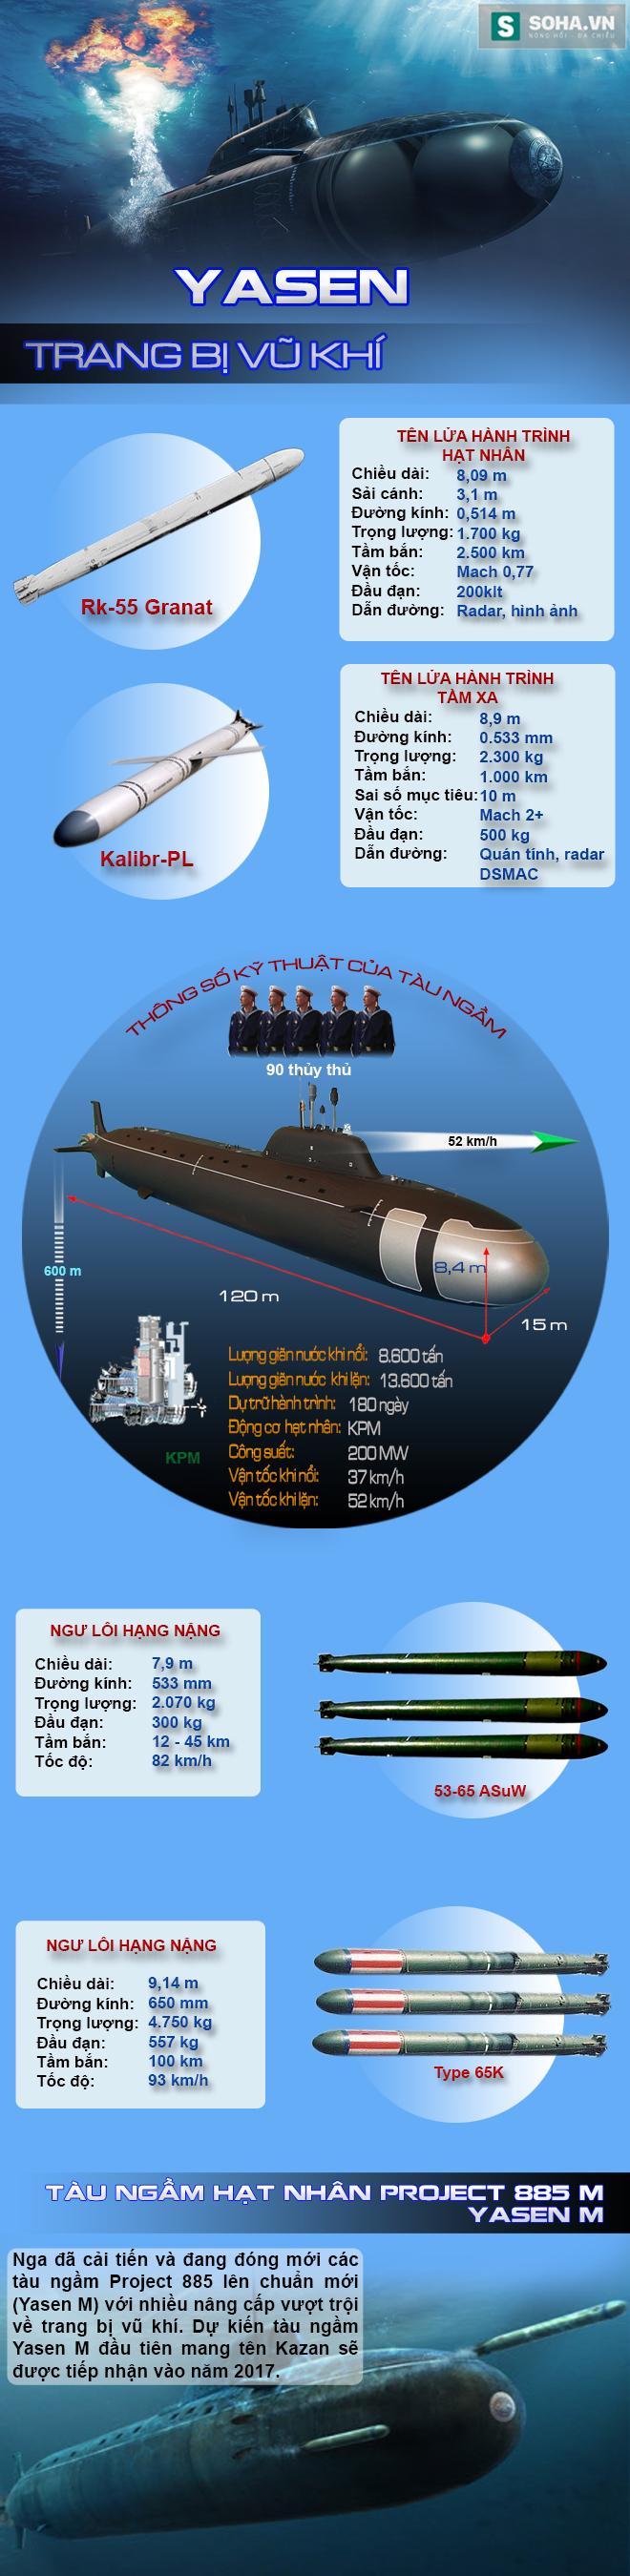 Đối thủ đáng gờm nhất của Hải quân Mỹ trong lòng biển sâu - Ảnh 1.